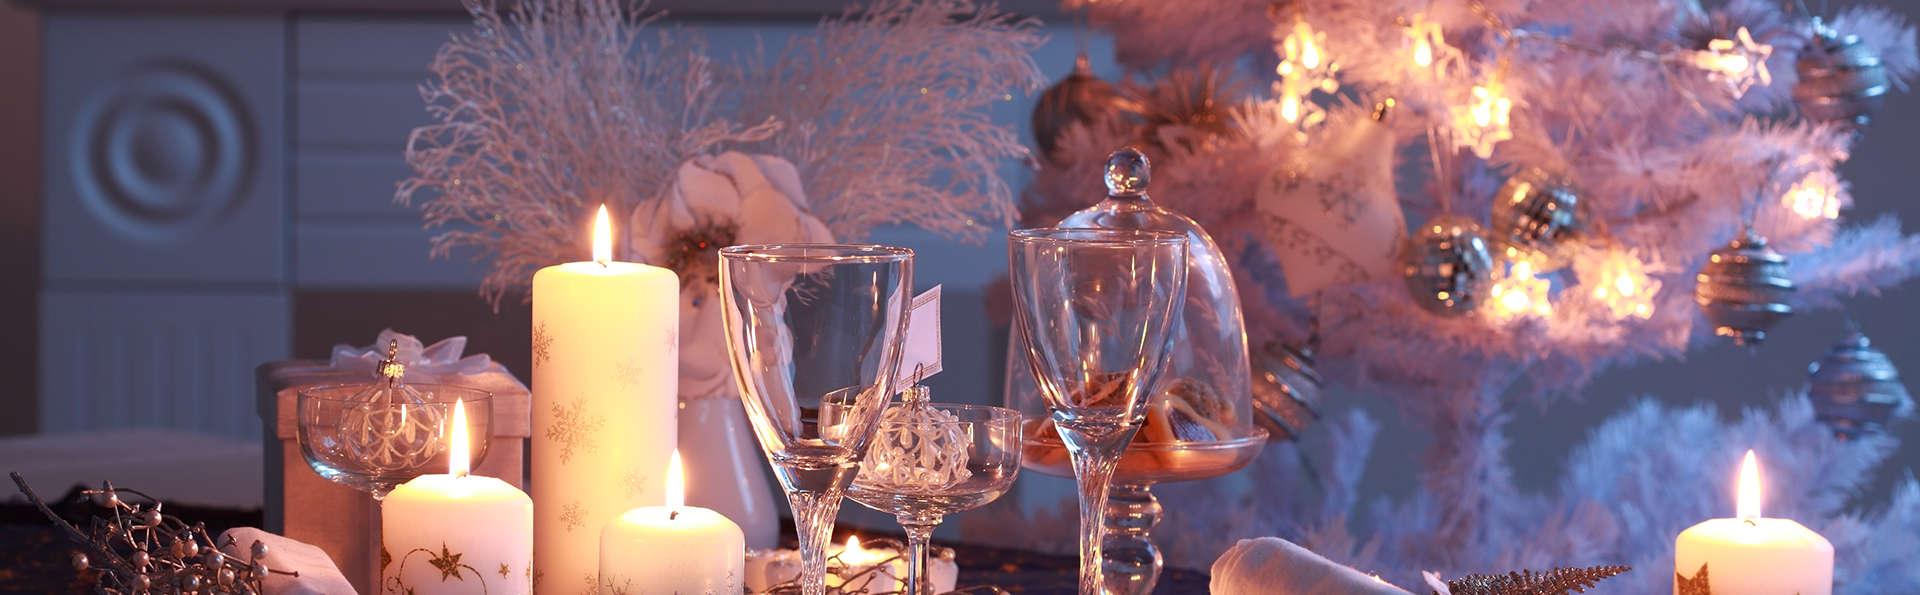 Nouvel An d'exception avec dîner et soirée dansante au cœur de la forêt de Meudon